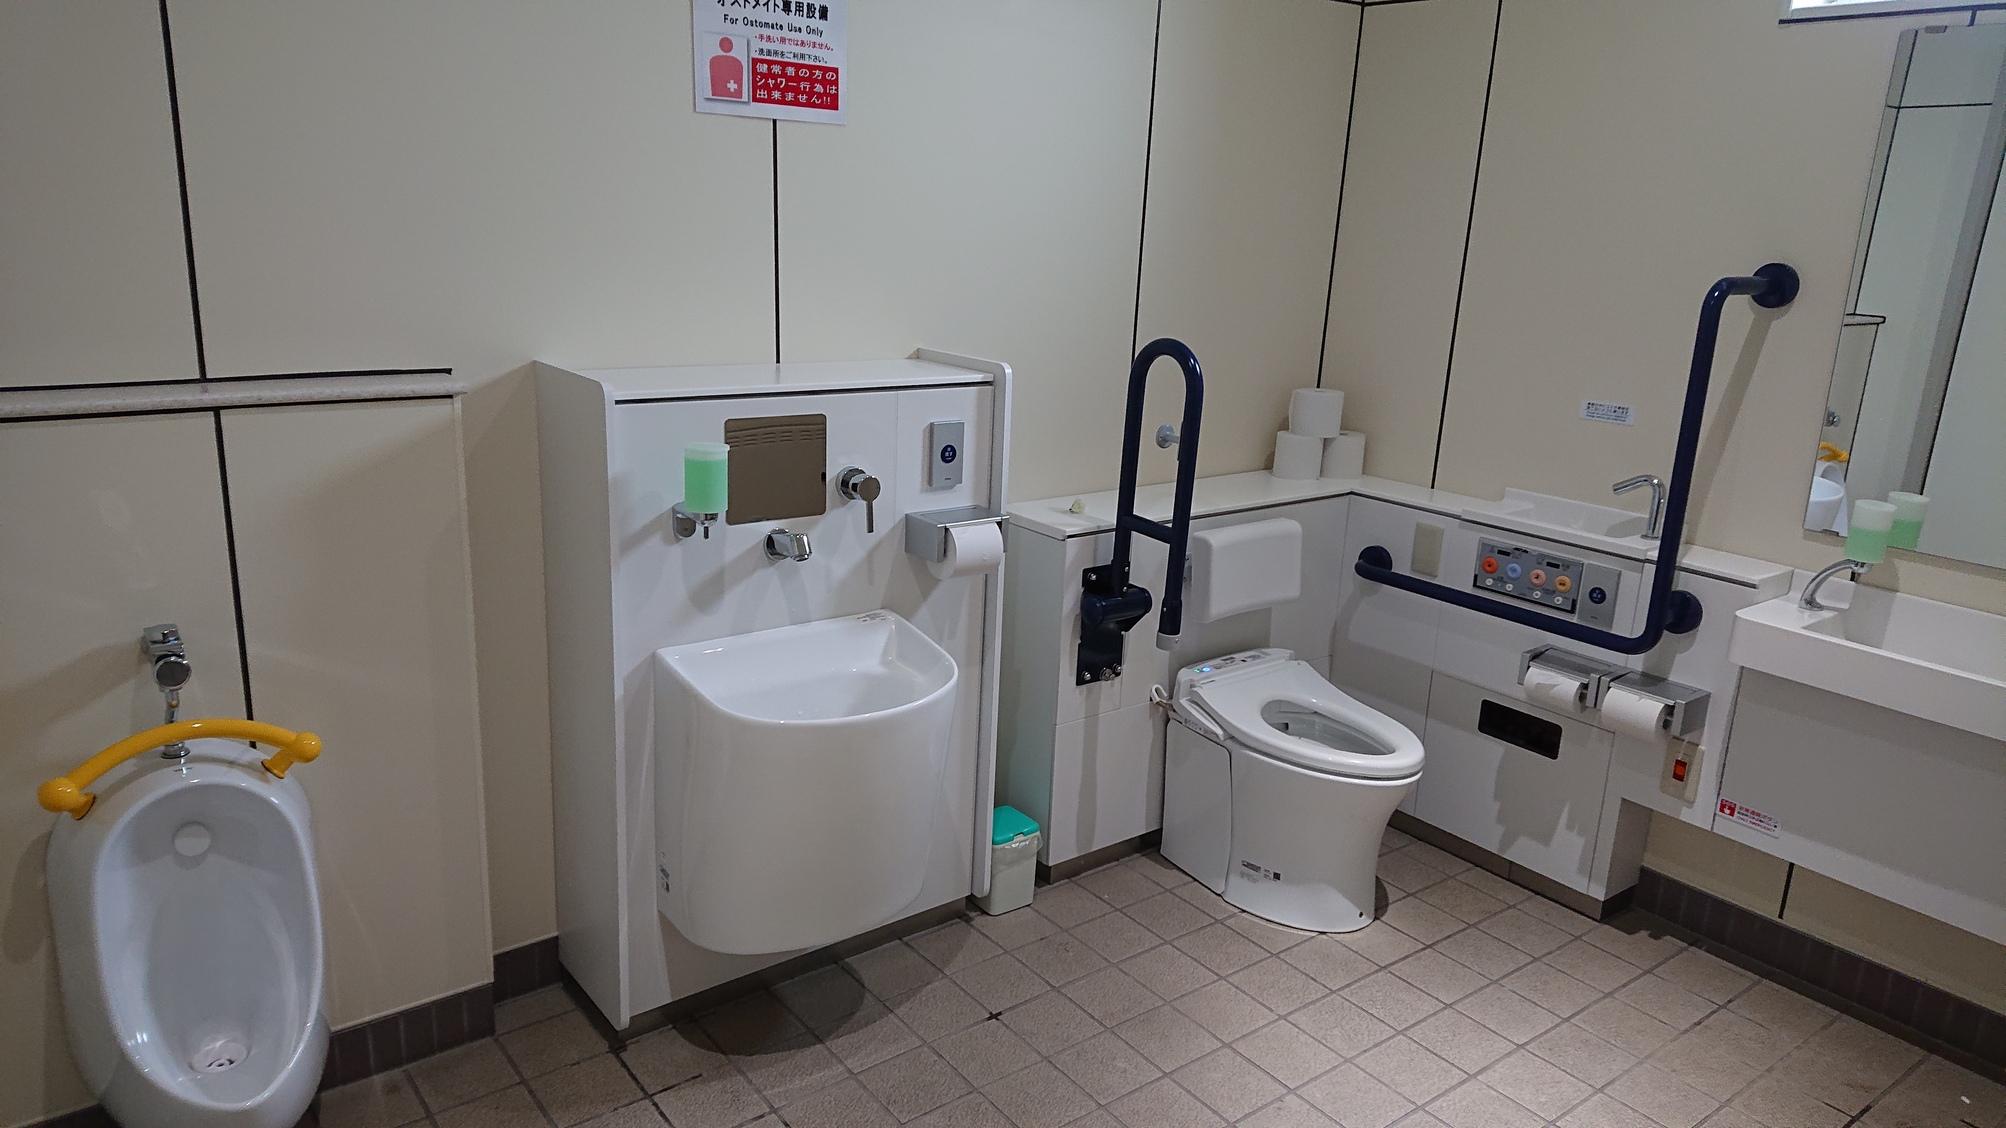 ばんえい競馬場オストメイト対応トイレ